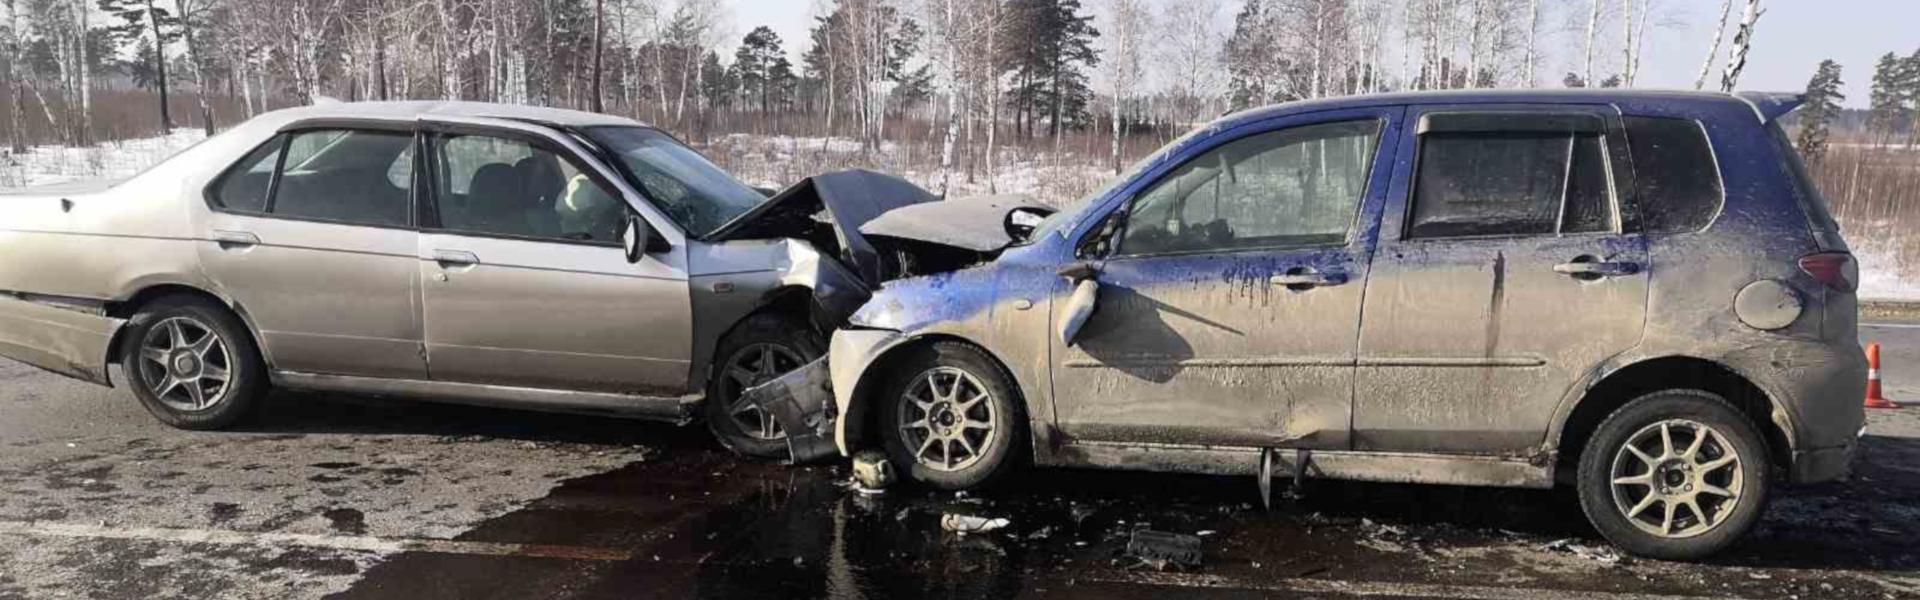 Обзор ДТП: страшная смерть подростка под колесами погрузчика